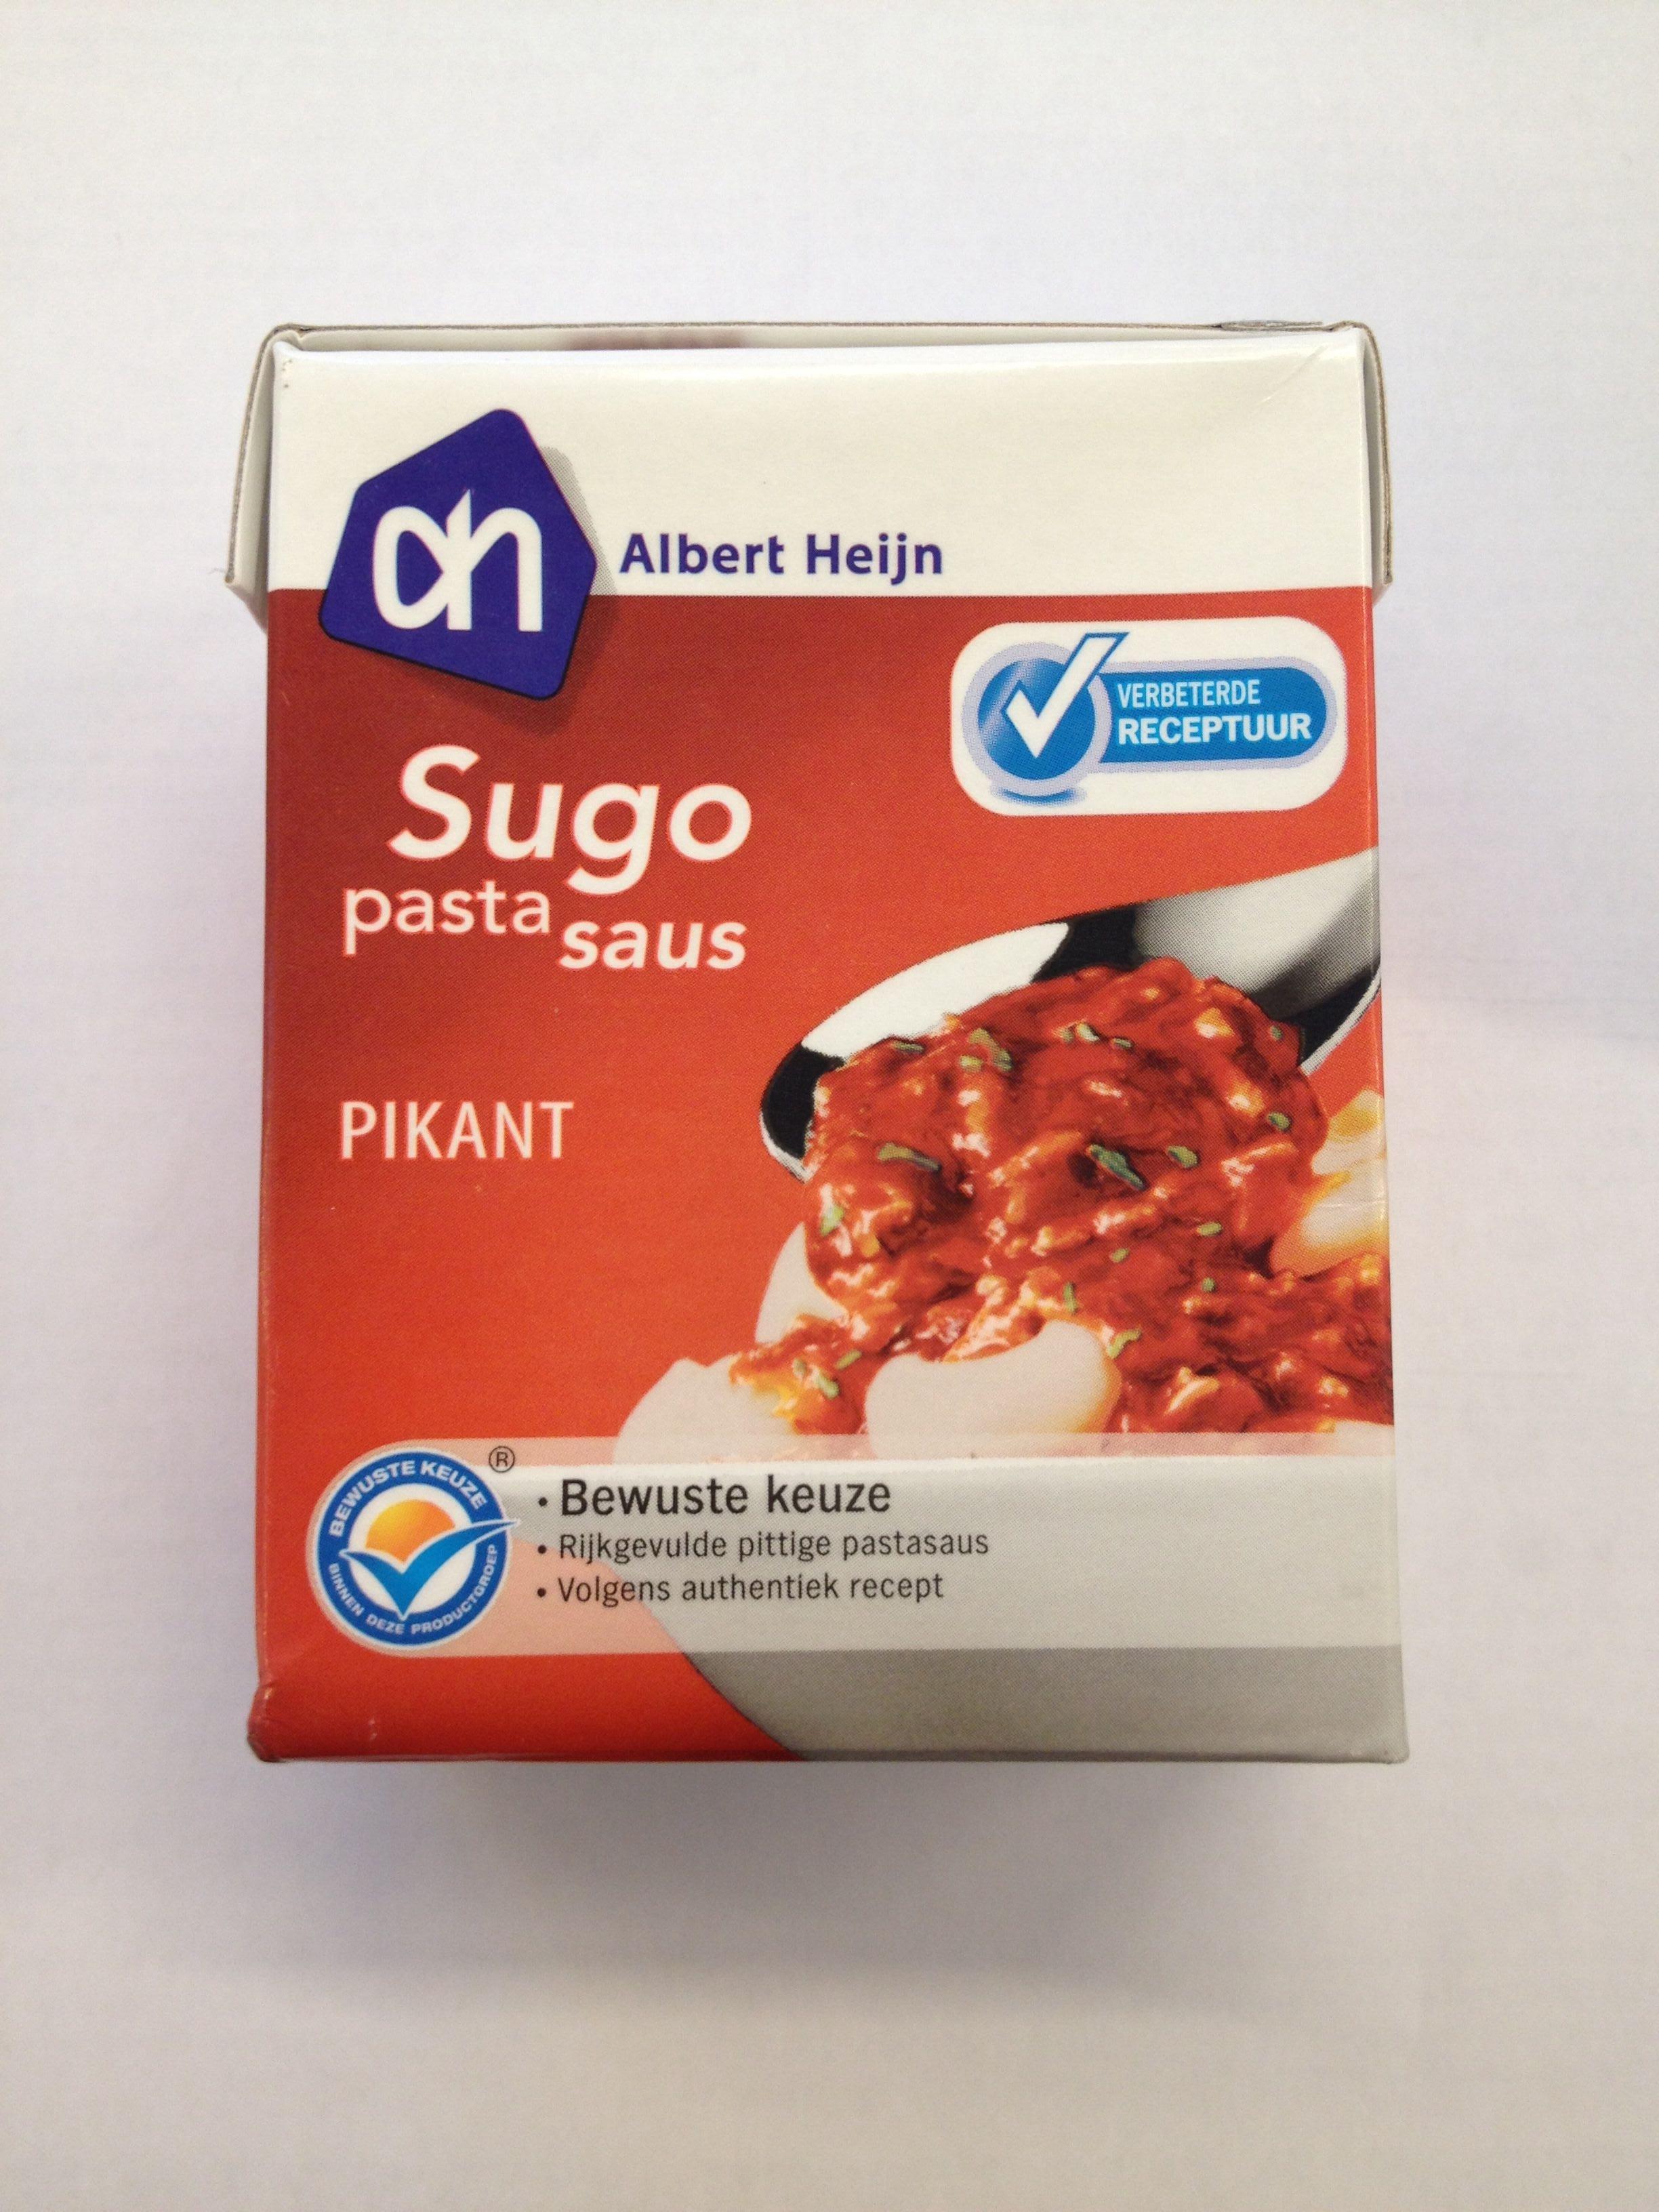 Slugo pasta saus - Product